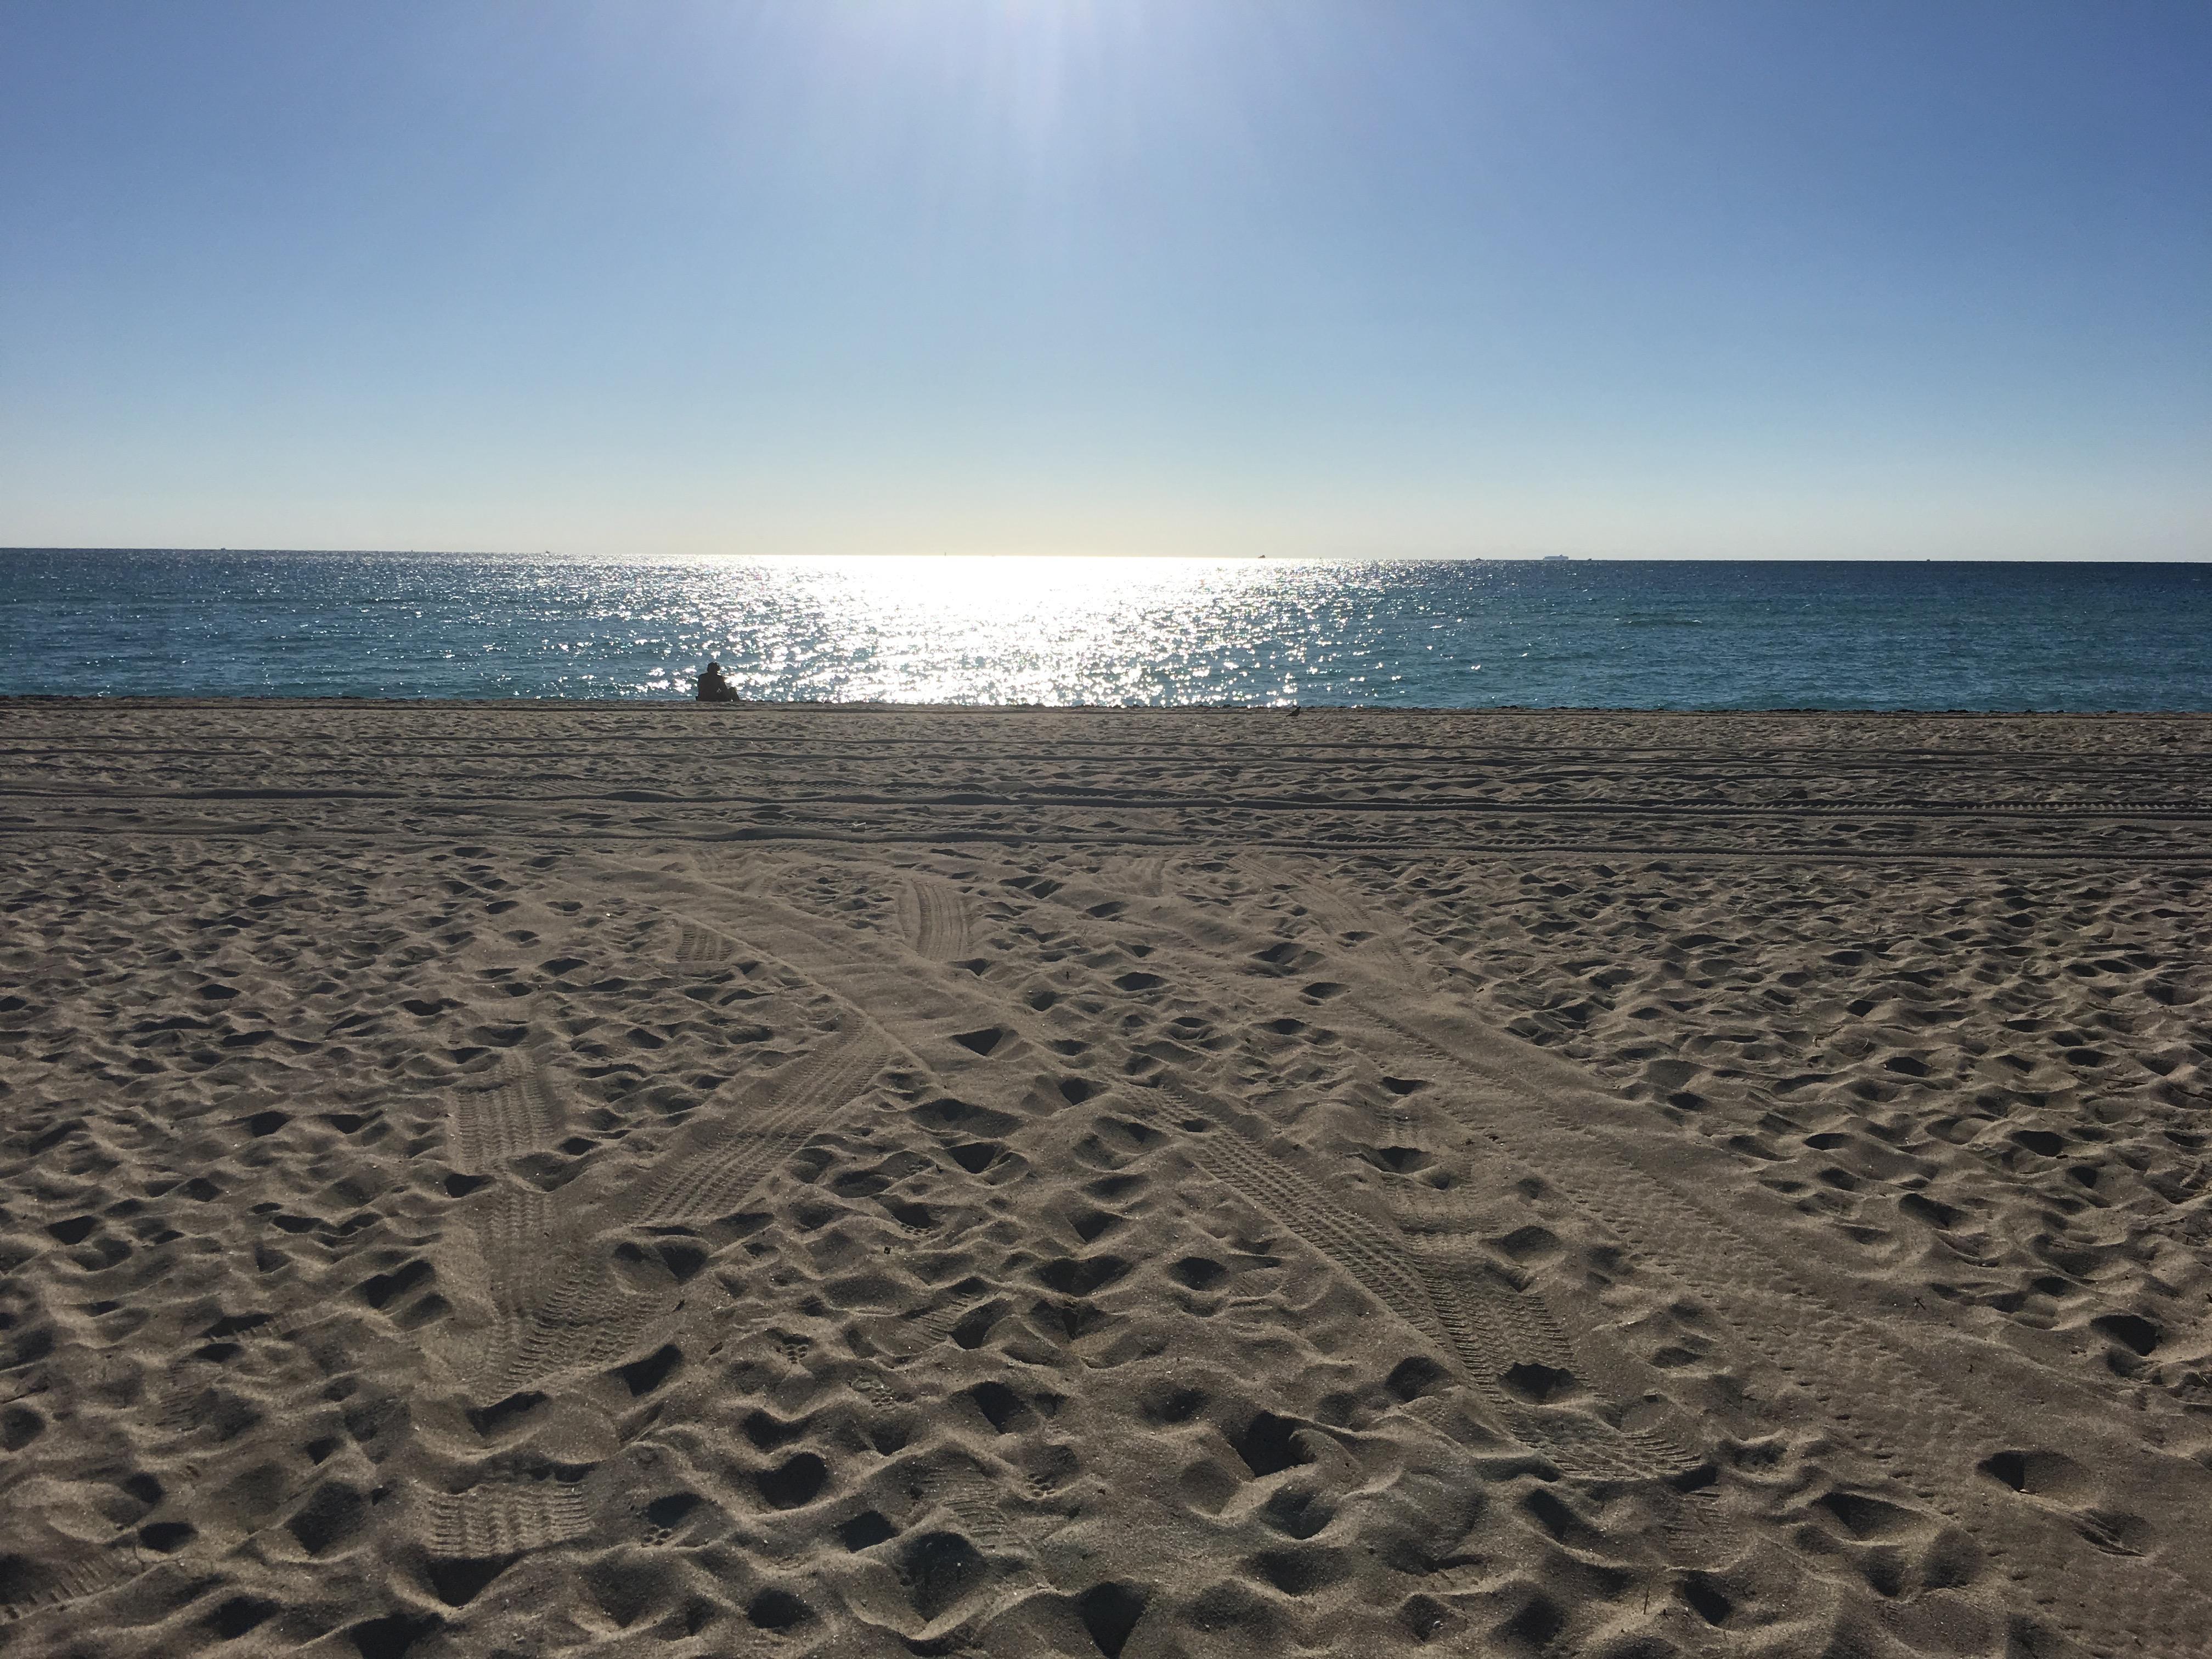 North Shore in Miami Beach